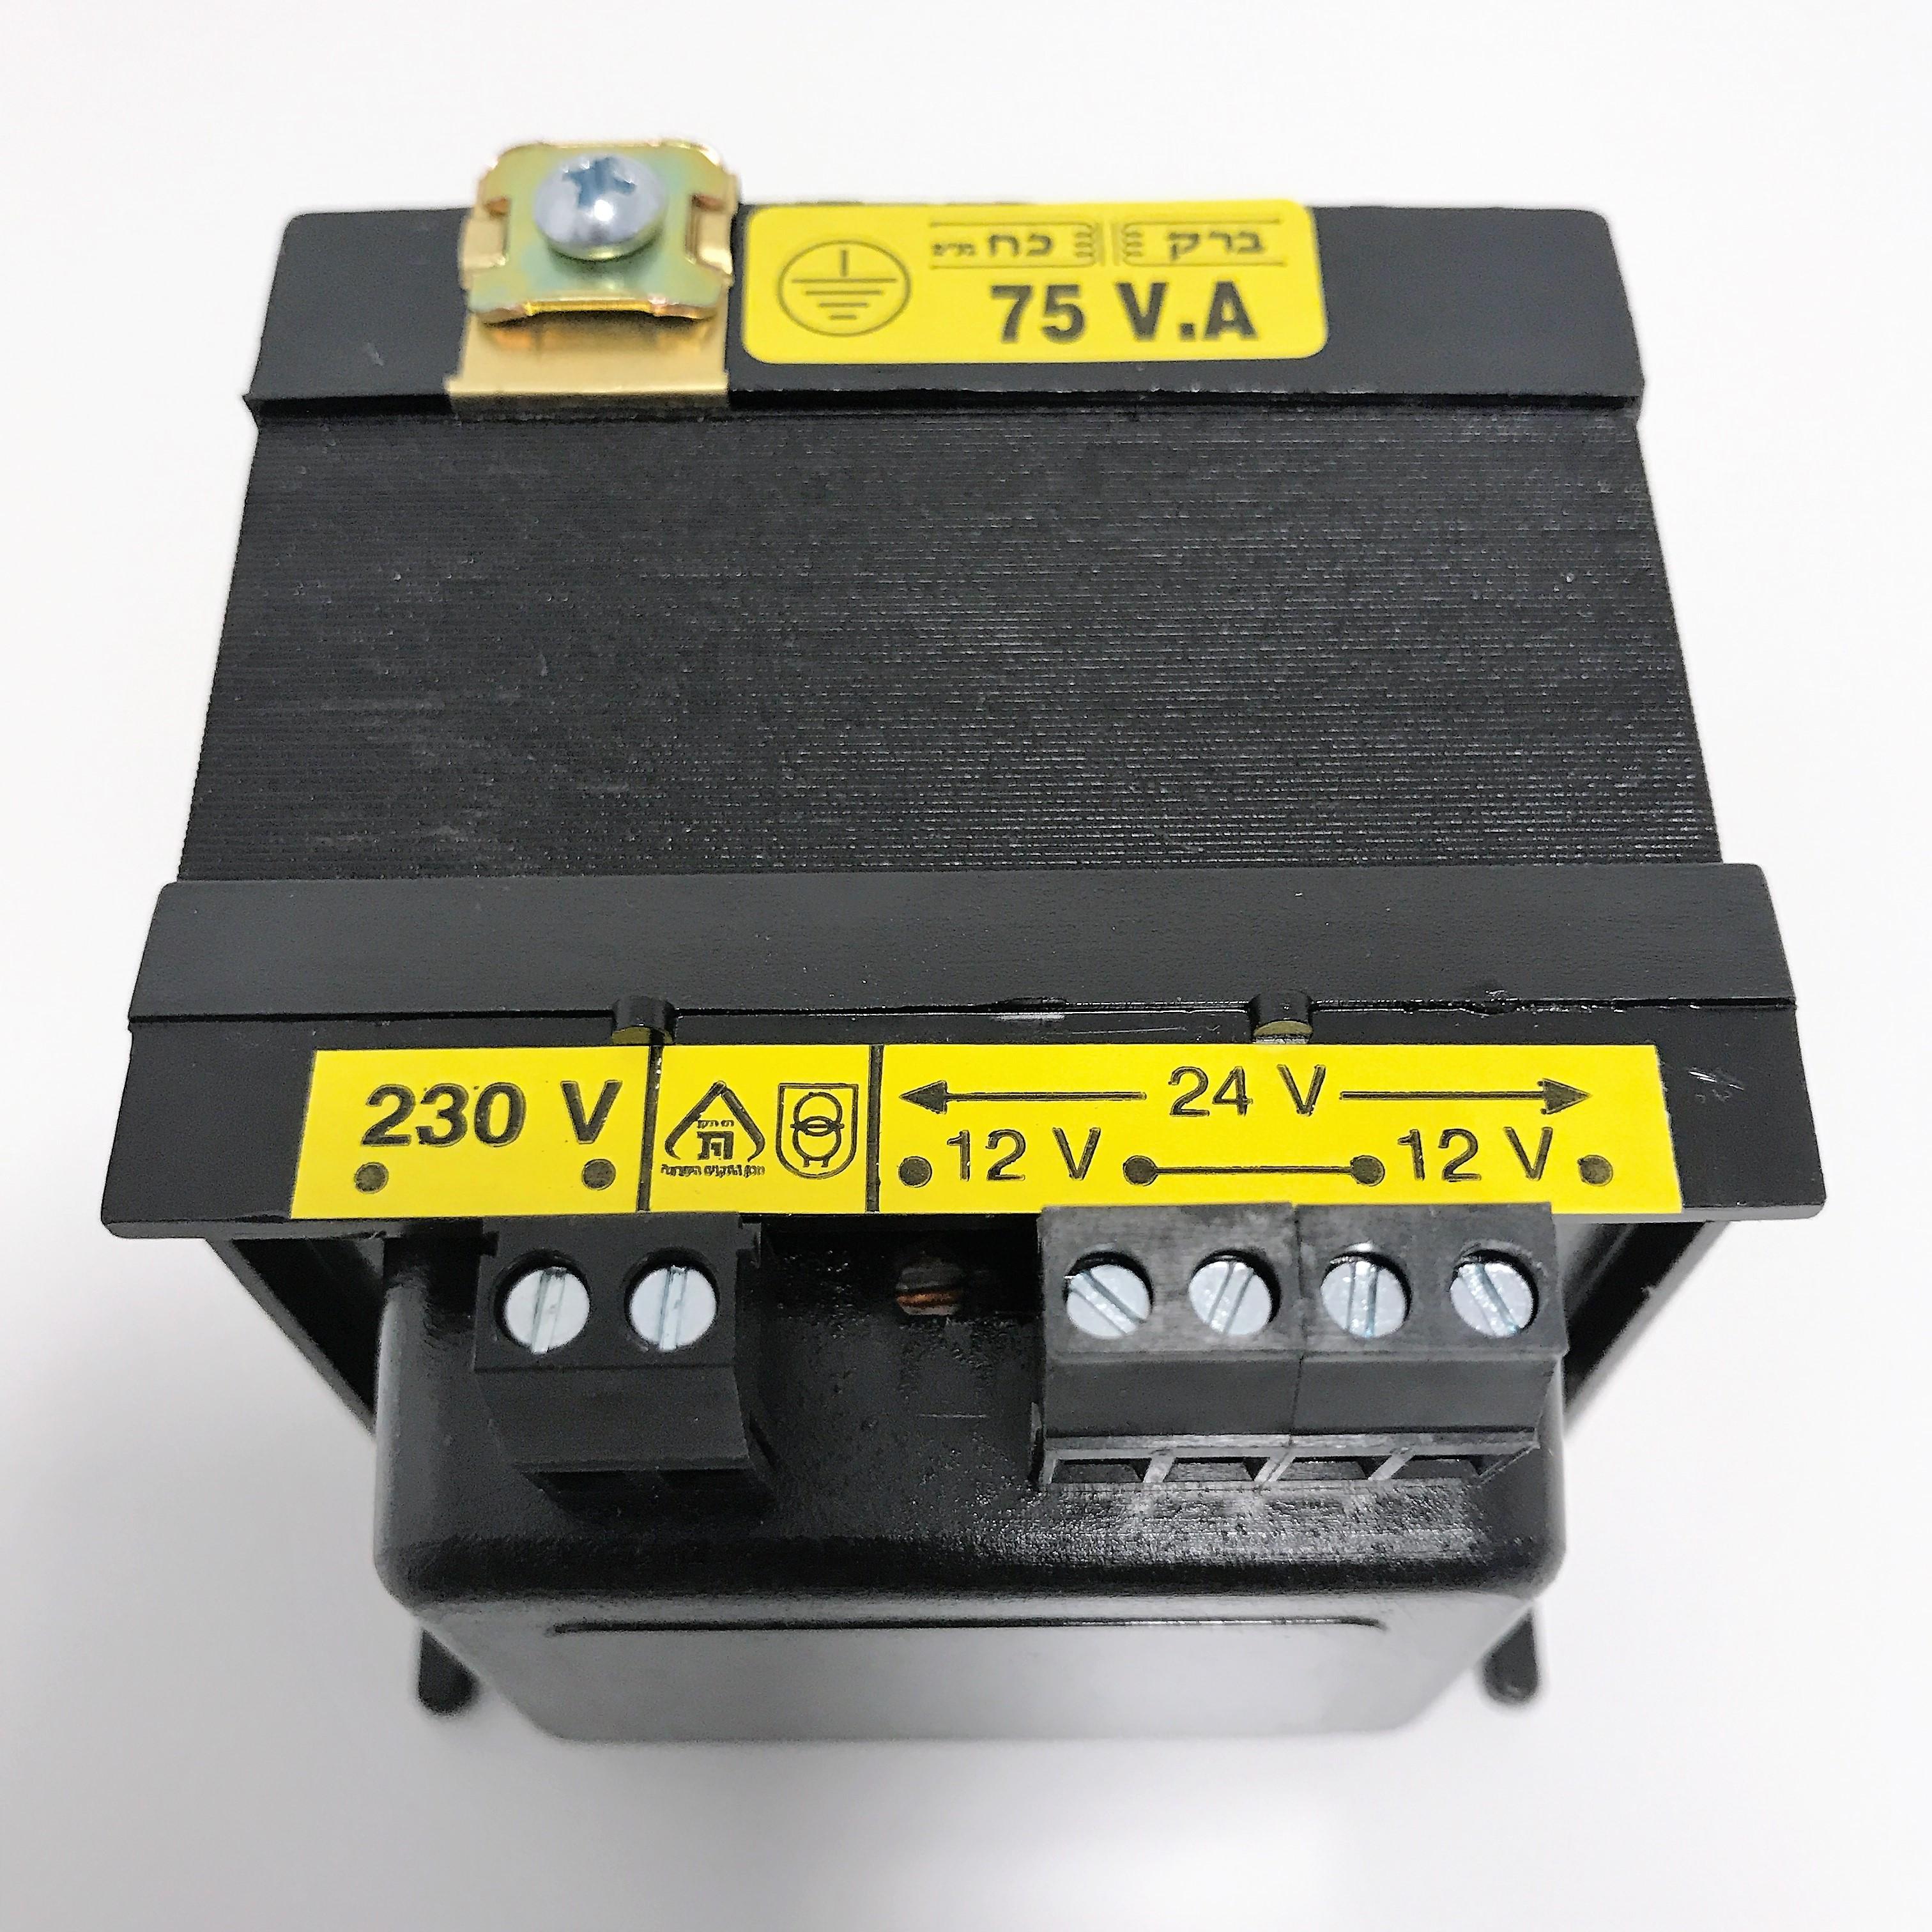 שנאי מבדל בהספק 75VA במתחים 230V-24V